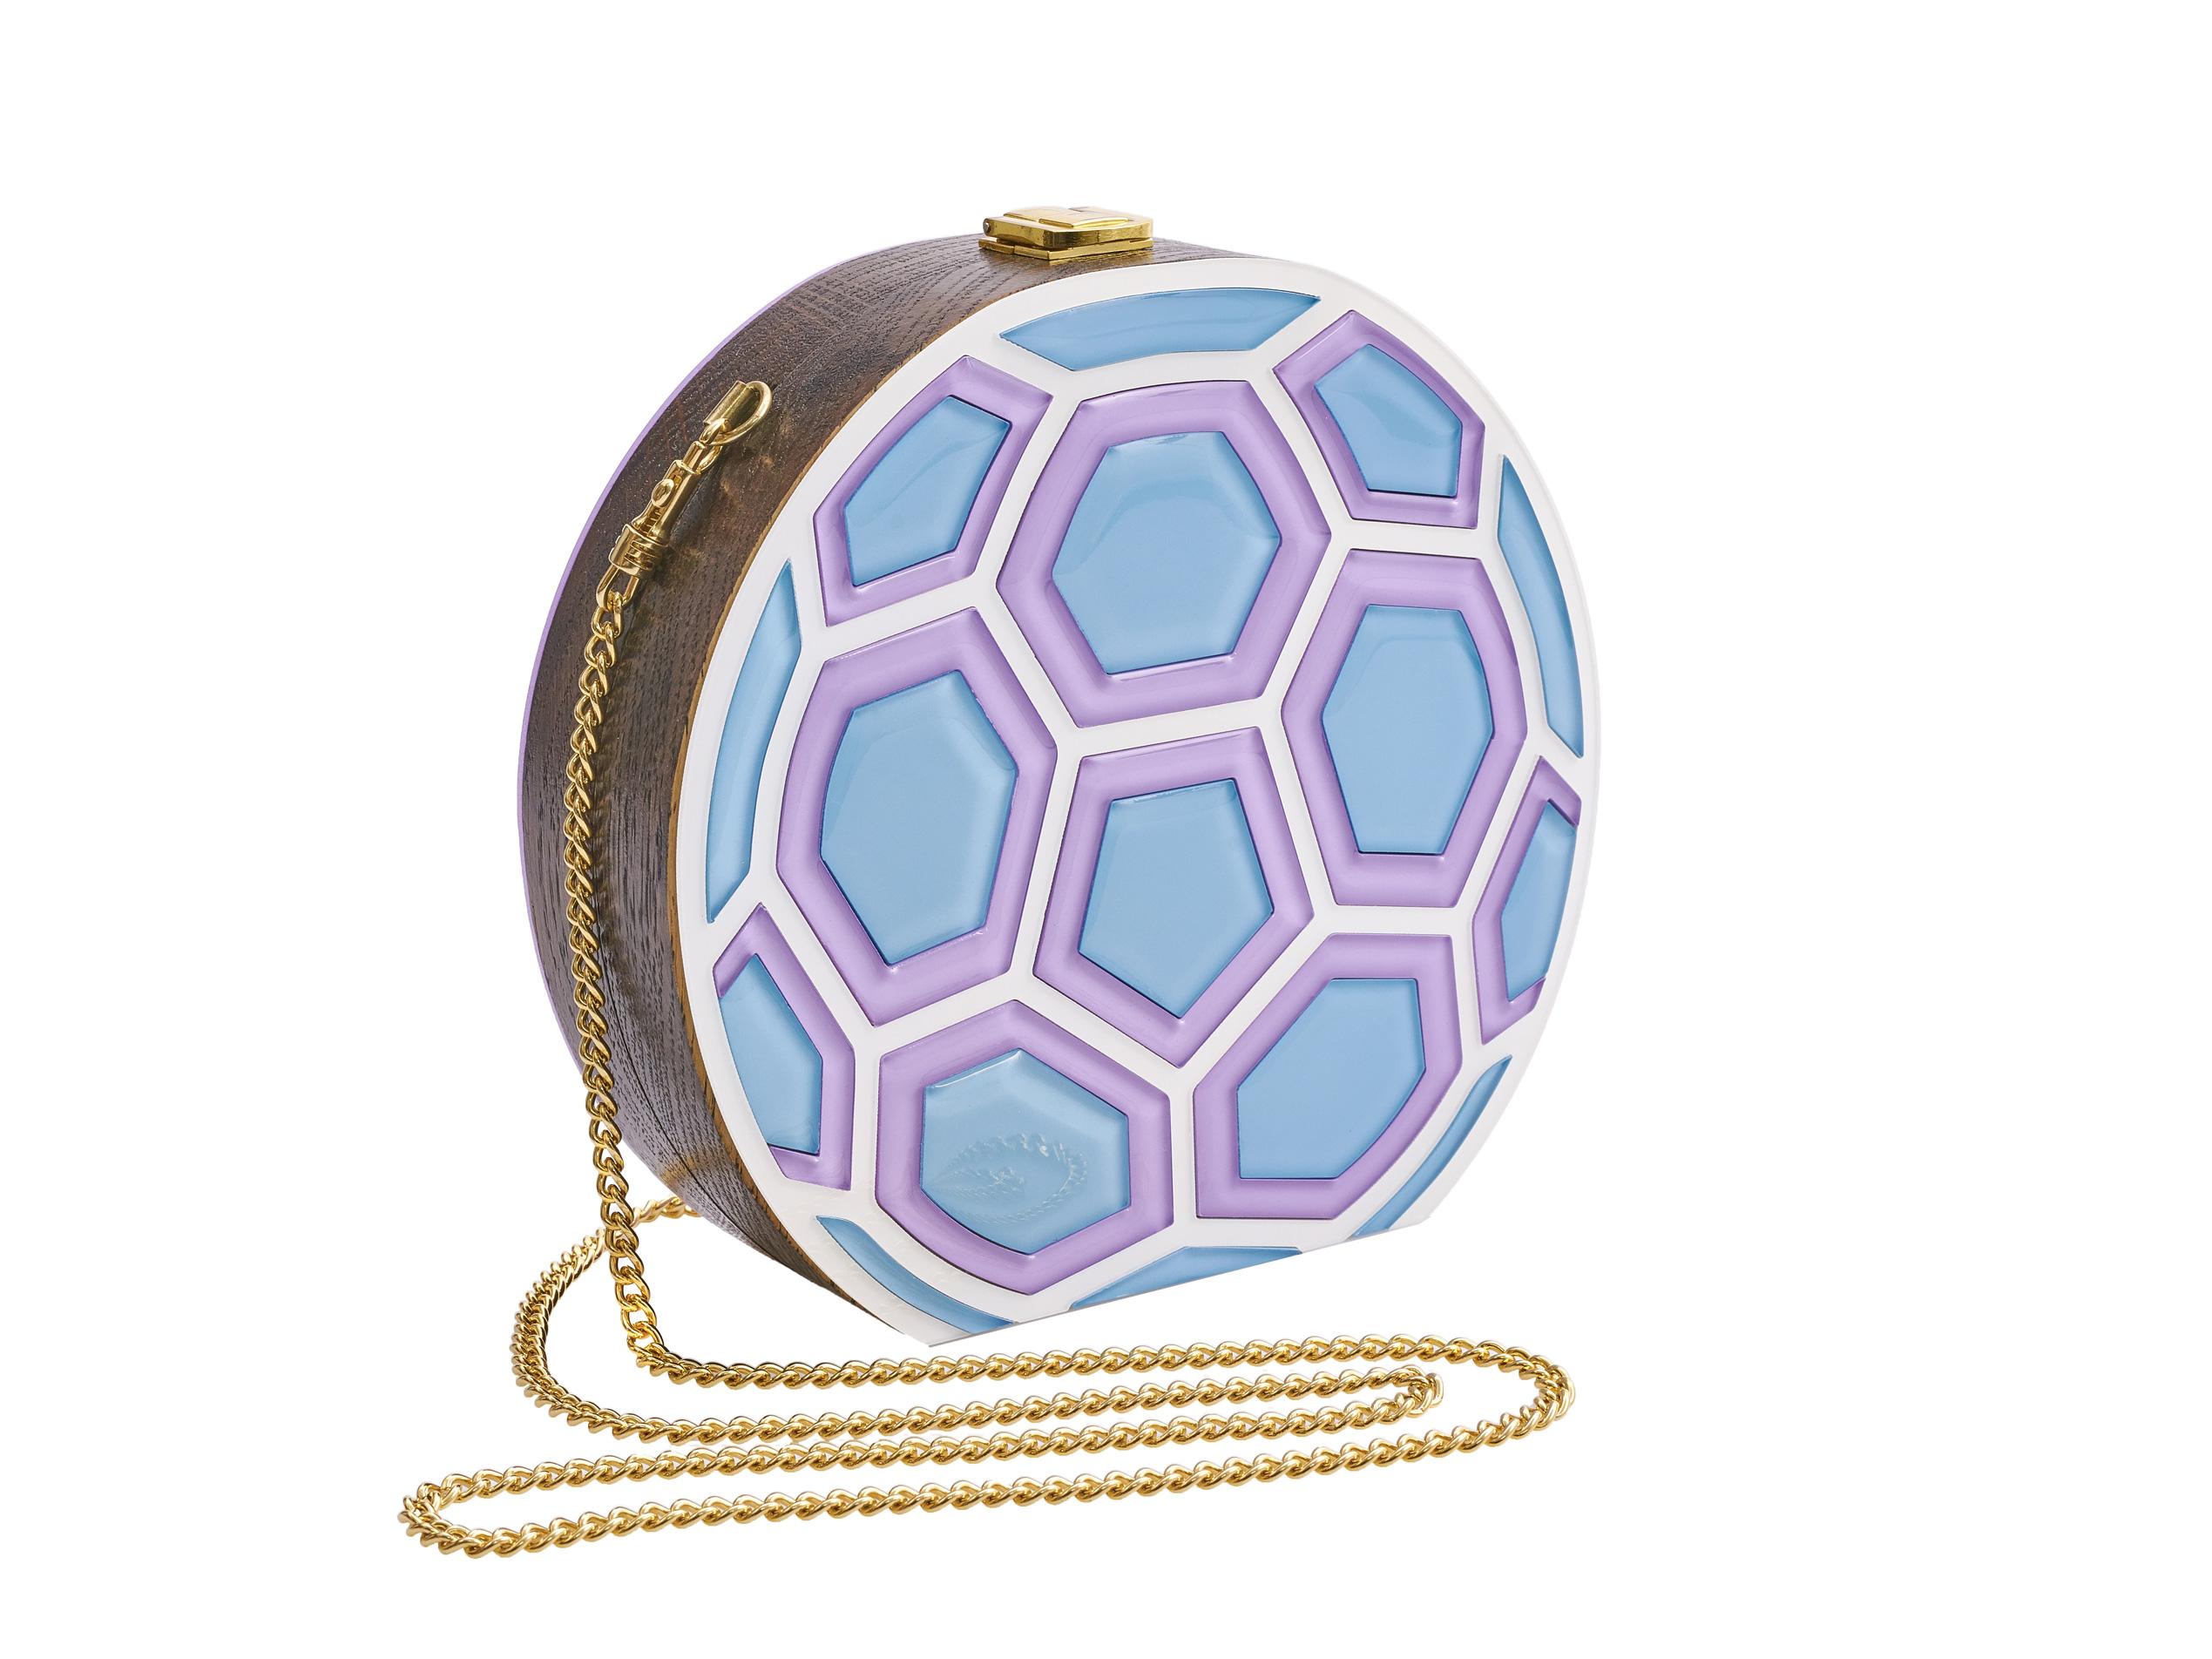 Golovina match ball clutch bag violet and blue